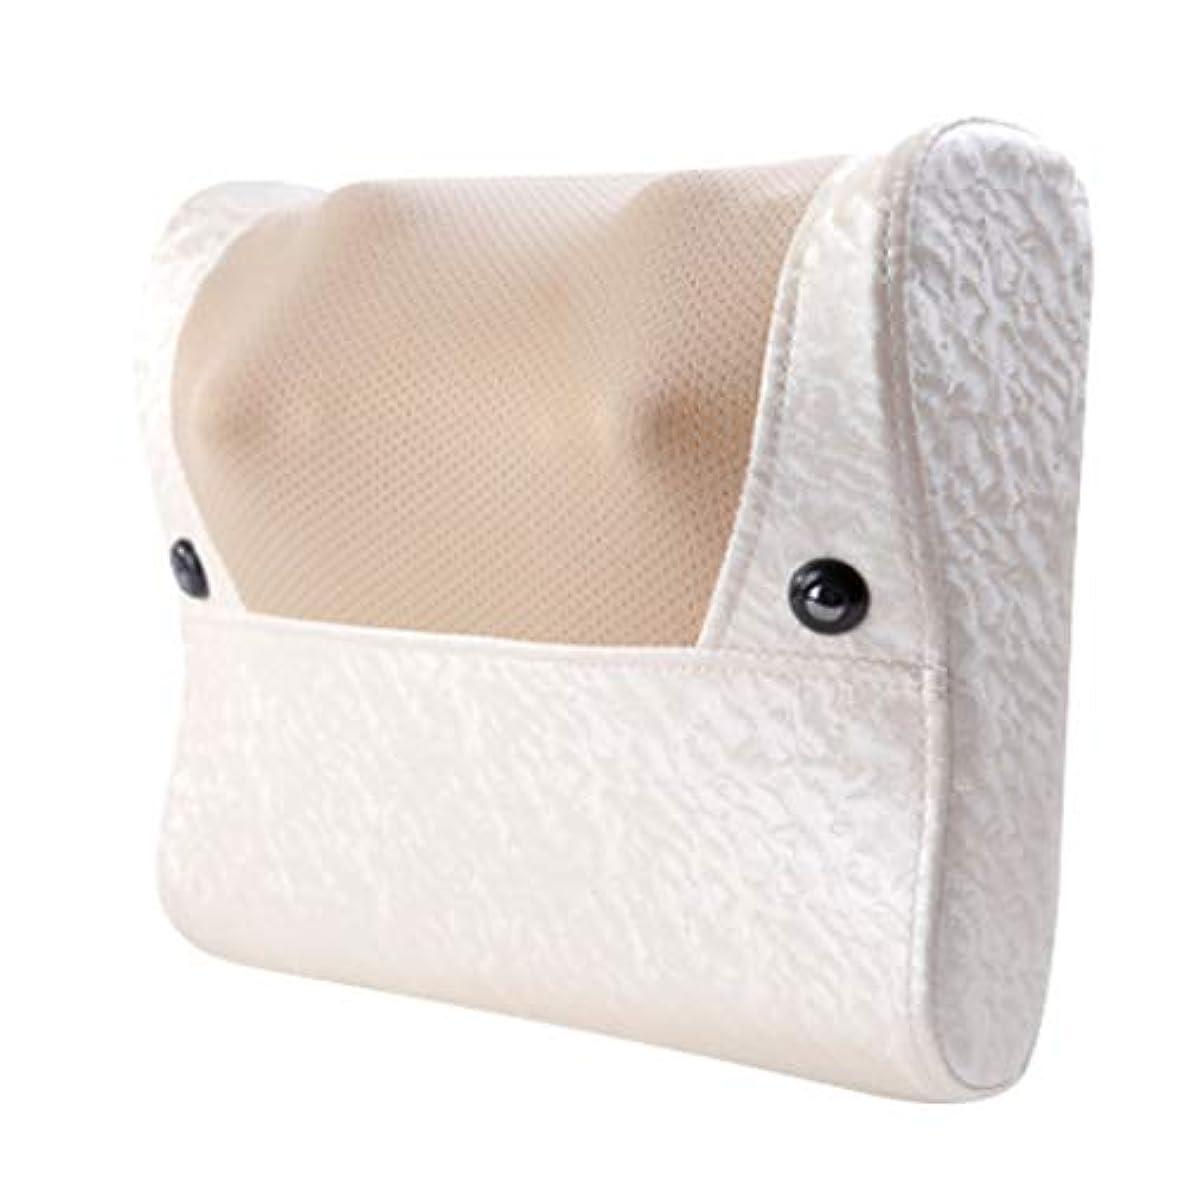 玉直面する抽象化8Dネックマッサージャー - 家庭用電動多機能ボディマッサージ、カーパッド、首、肩、腰、脚マッサージ。